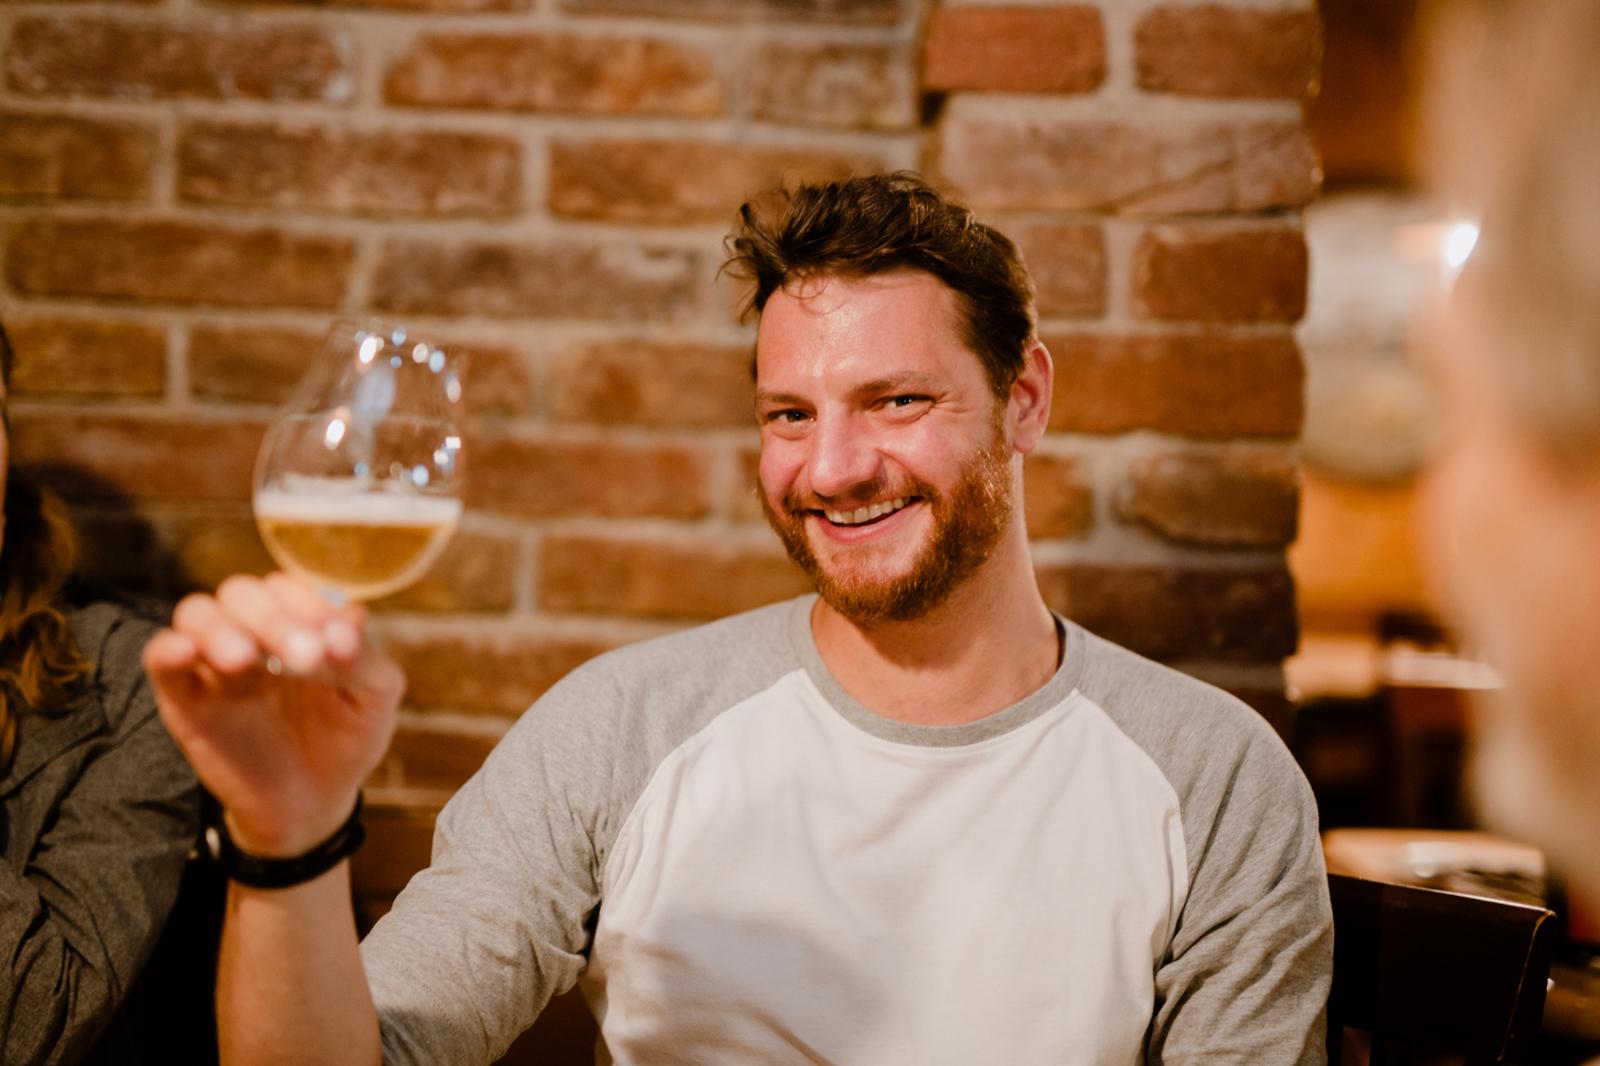 https://www.bier-ok.at/wp-content/uploads/2020/07/salzburg-bierverkostung-kennenlernen.jpg